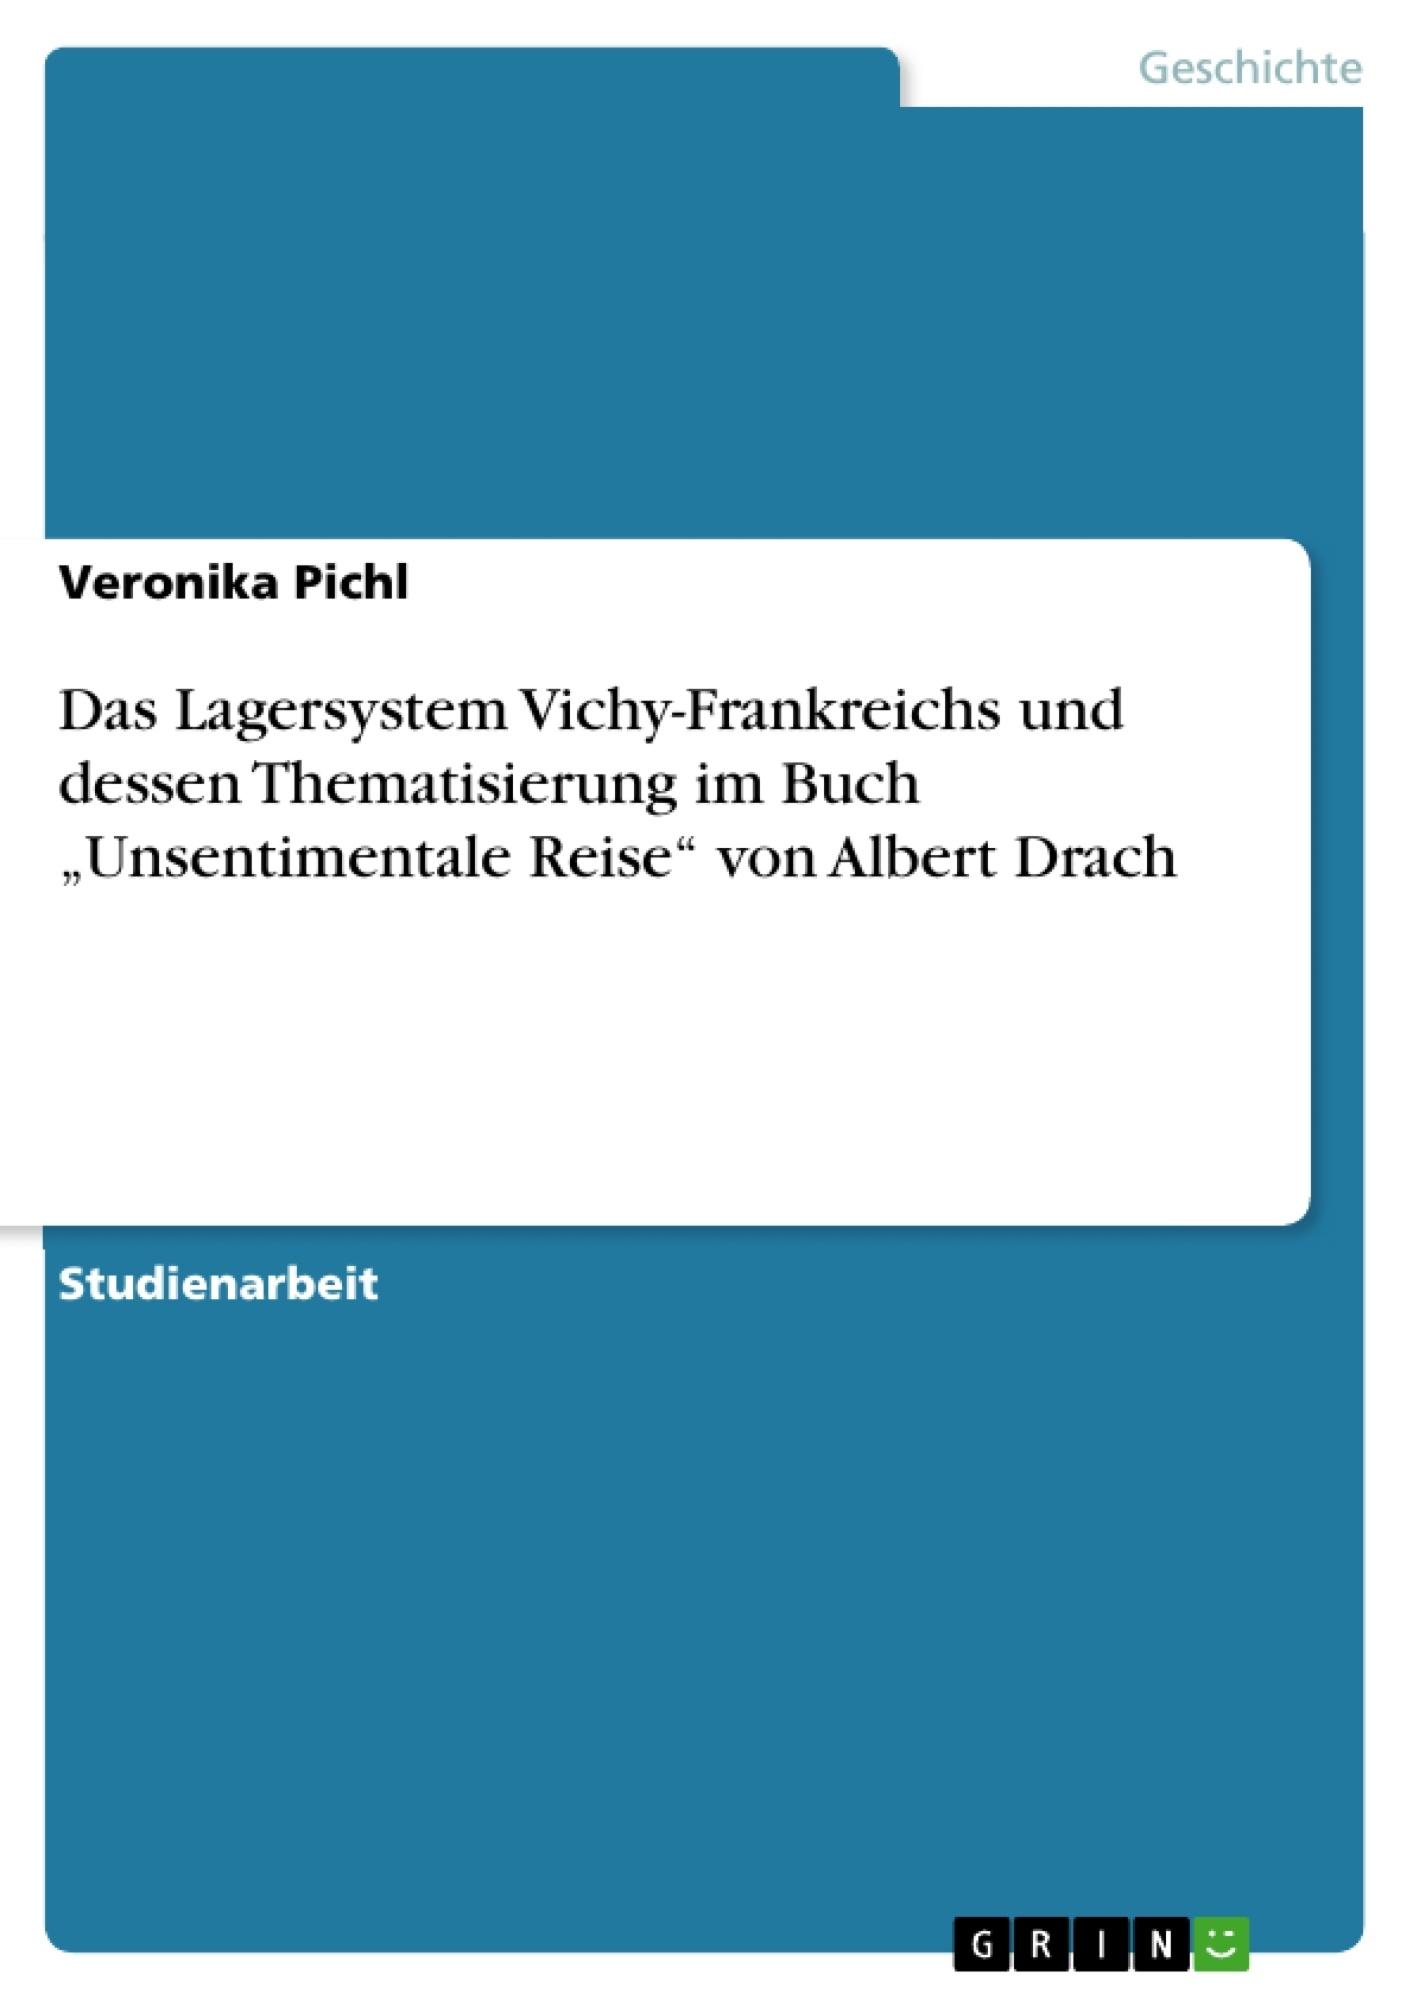 """Titel: Das Lagersystem Vichy-Frankreichs und dessen Thematisierung im Buch """"Unsentimentale Reise"""" von Albert Drach"""